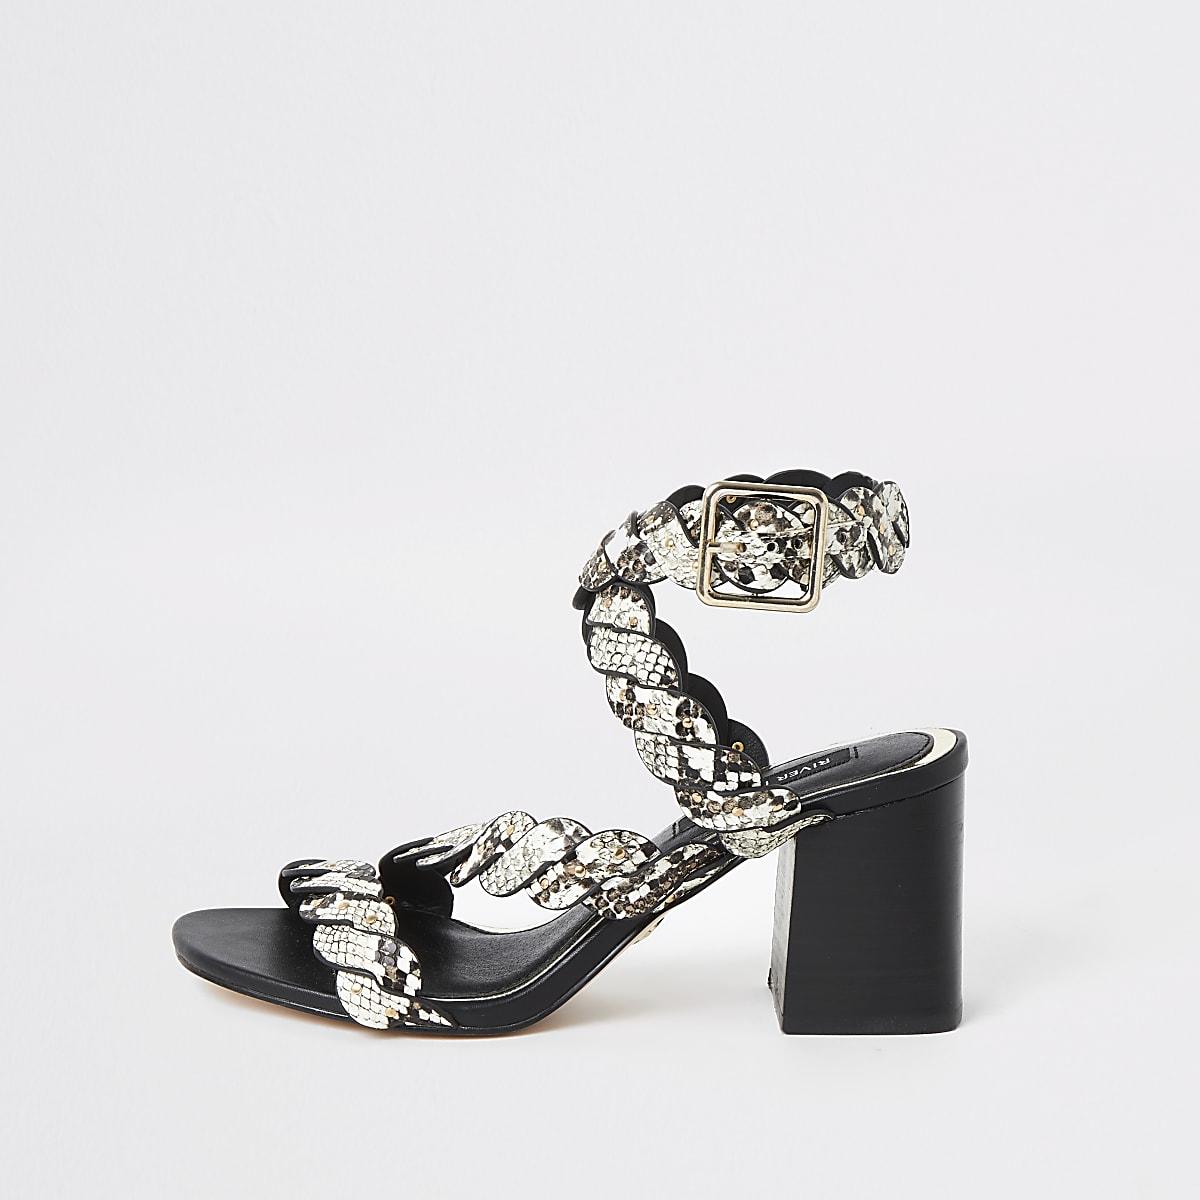 Sandales imprimé serpent grises cloutées à talon carré